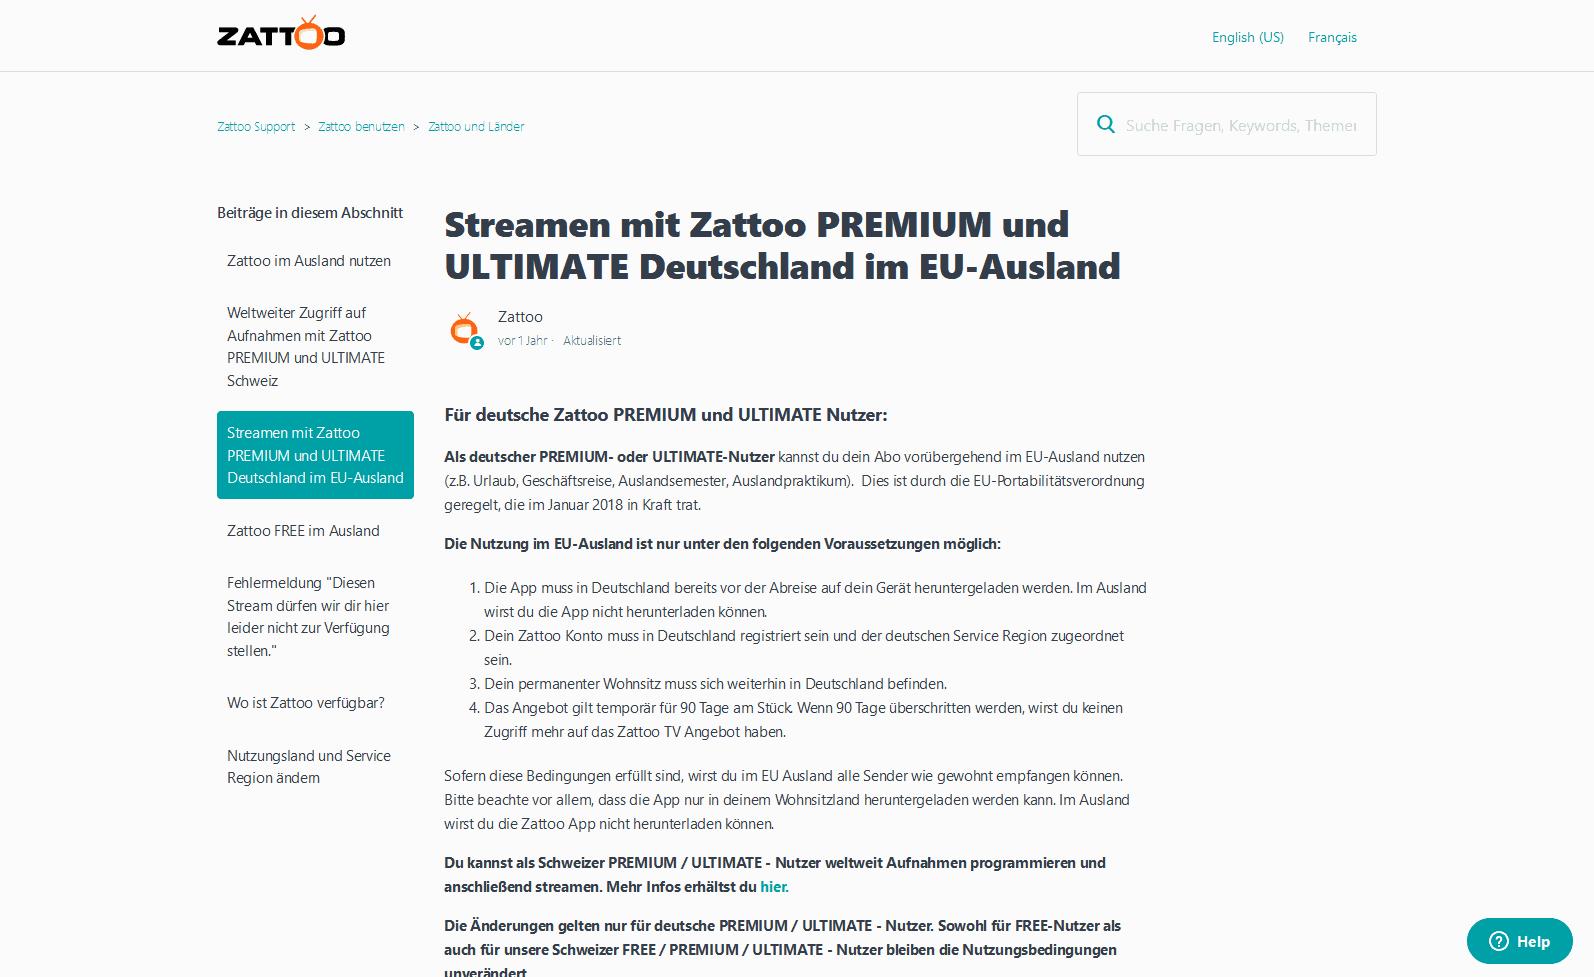 ARD-Mediathek aus dem Ausland streamen – Zattoo-Supportseite, die EU-Zugang erklärt